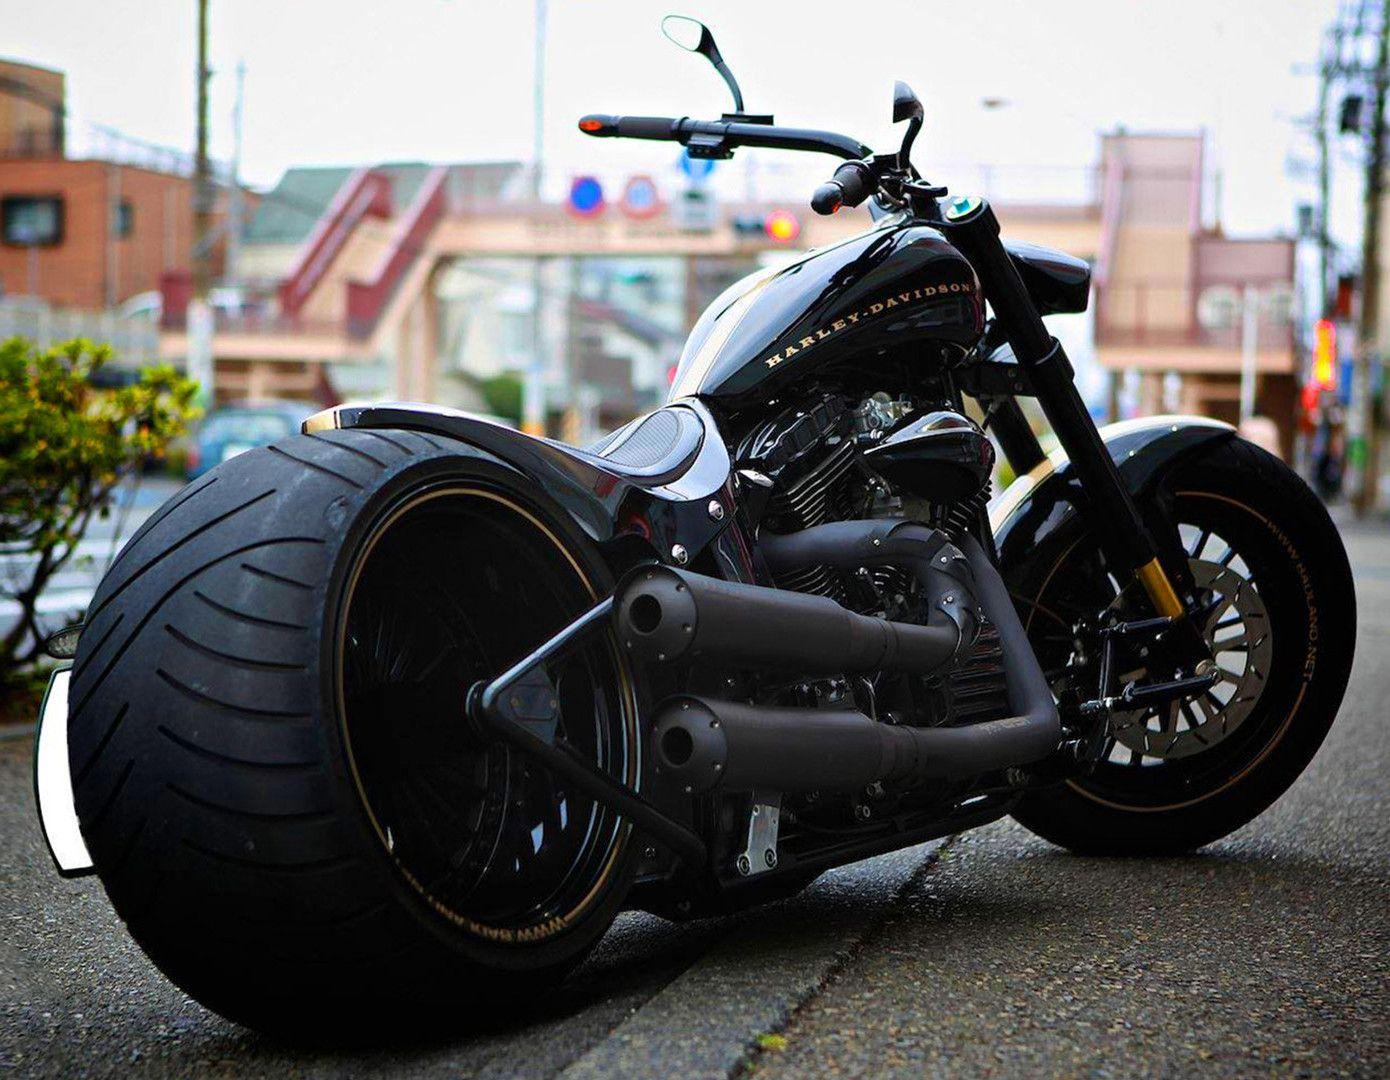 harley davidson sport bike custom motorcycles pinterest motorcycle harley davidson and bike. Black Bedroom Furniture Sets. Home Design Ideas